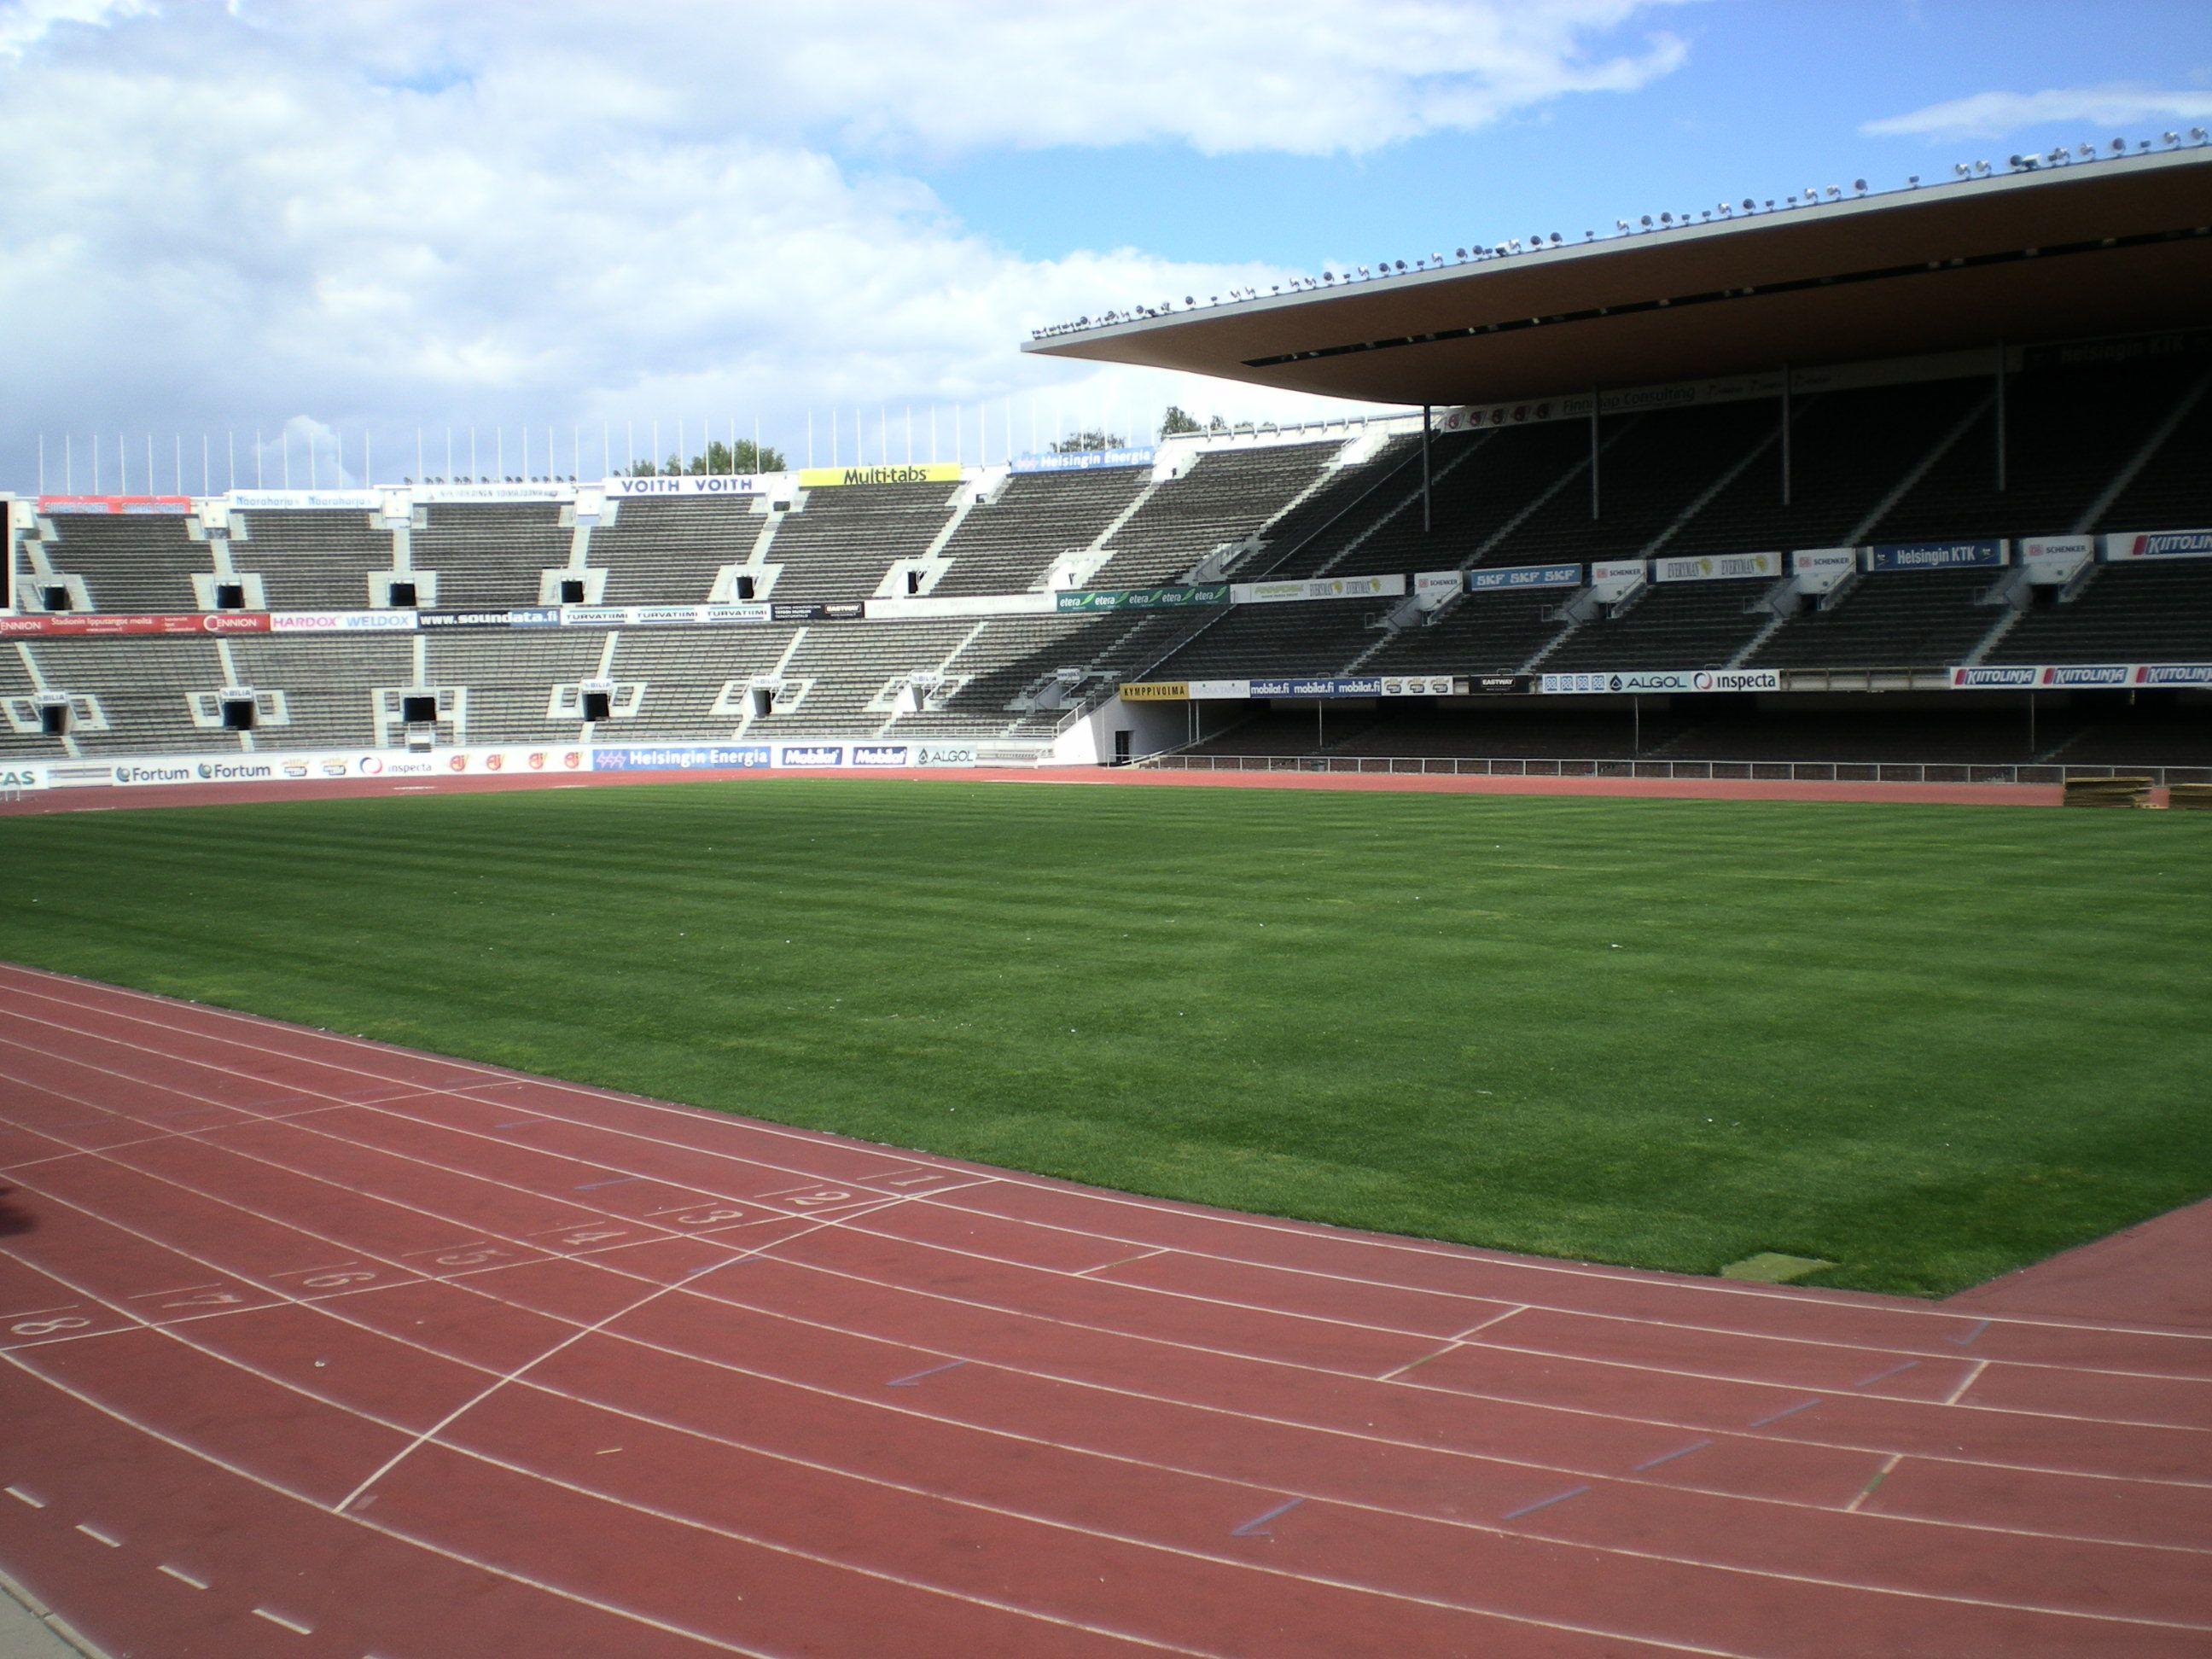 stadion w Helsinkach